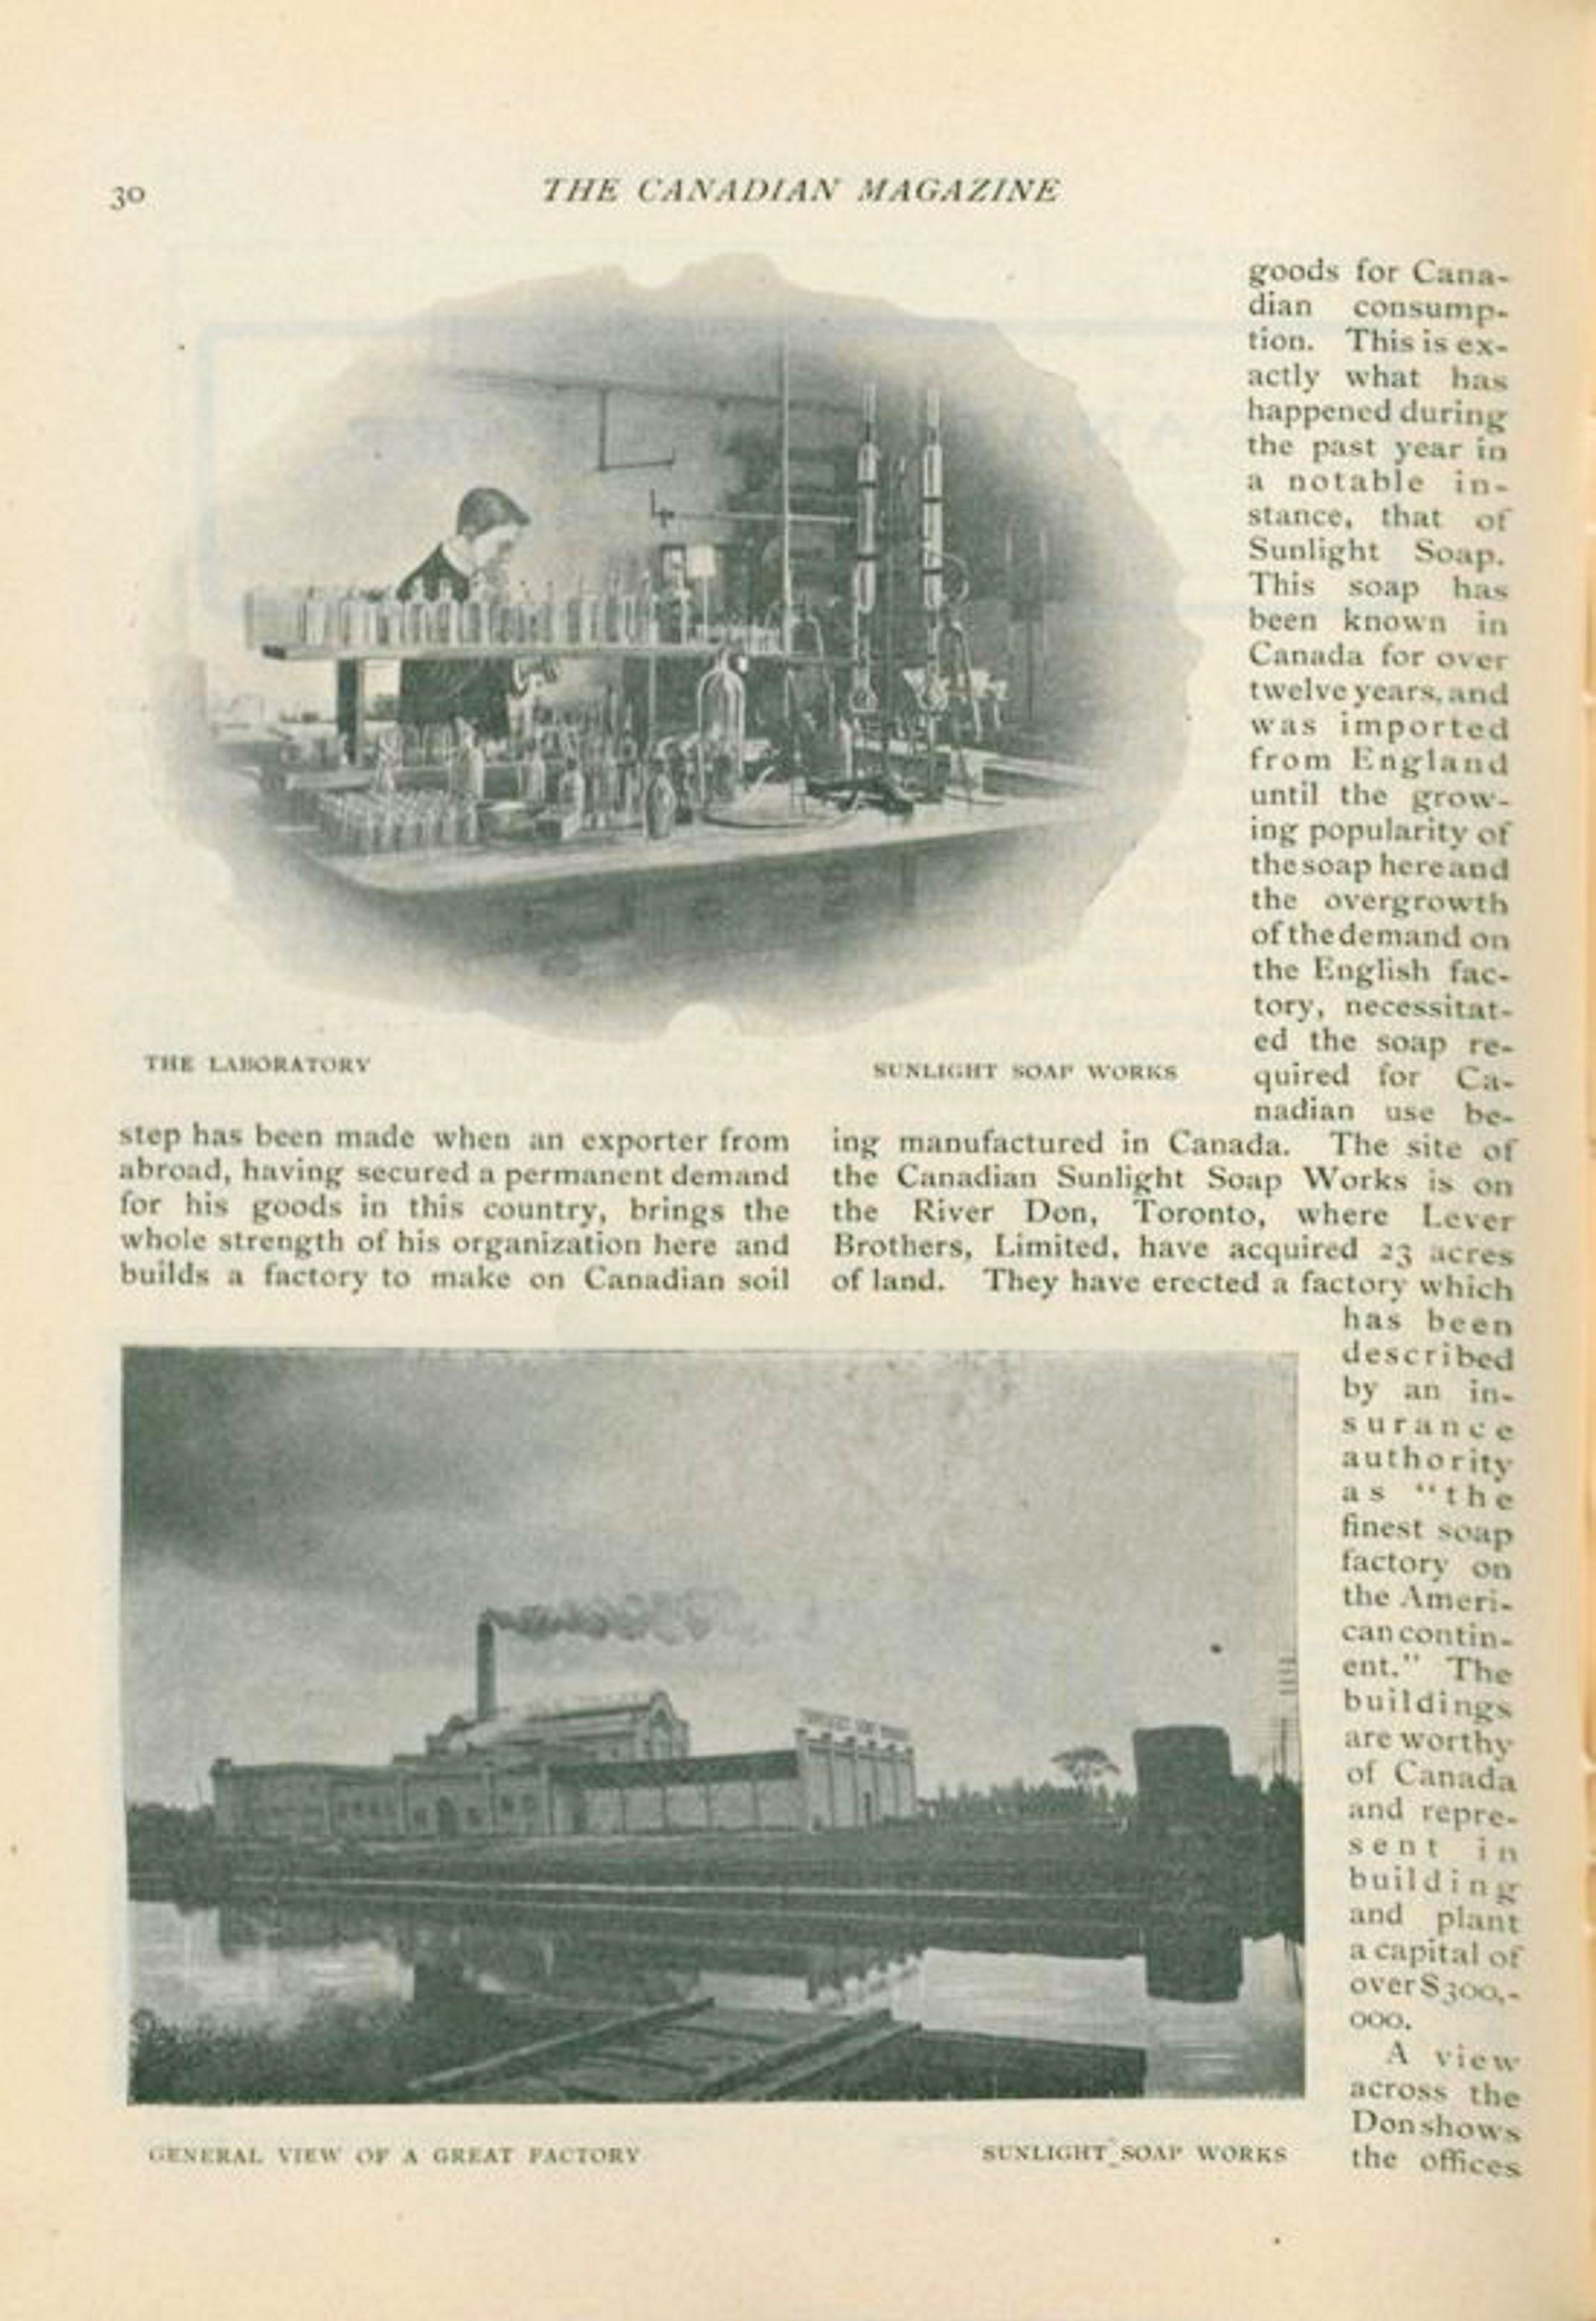 19011200 The Canadian magazine Vol. 18, no. 2 (Dec. 1901) 30